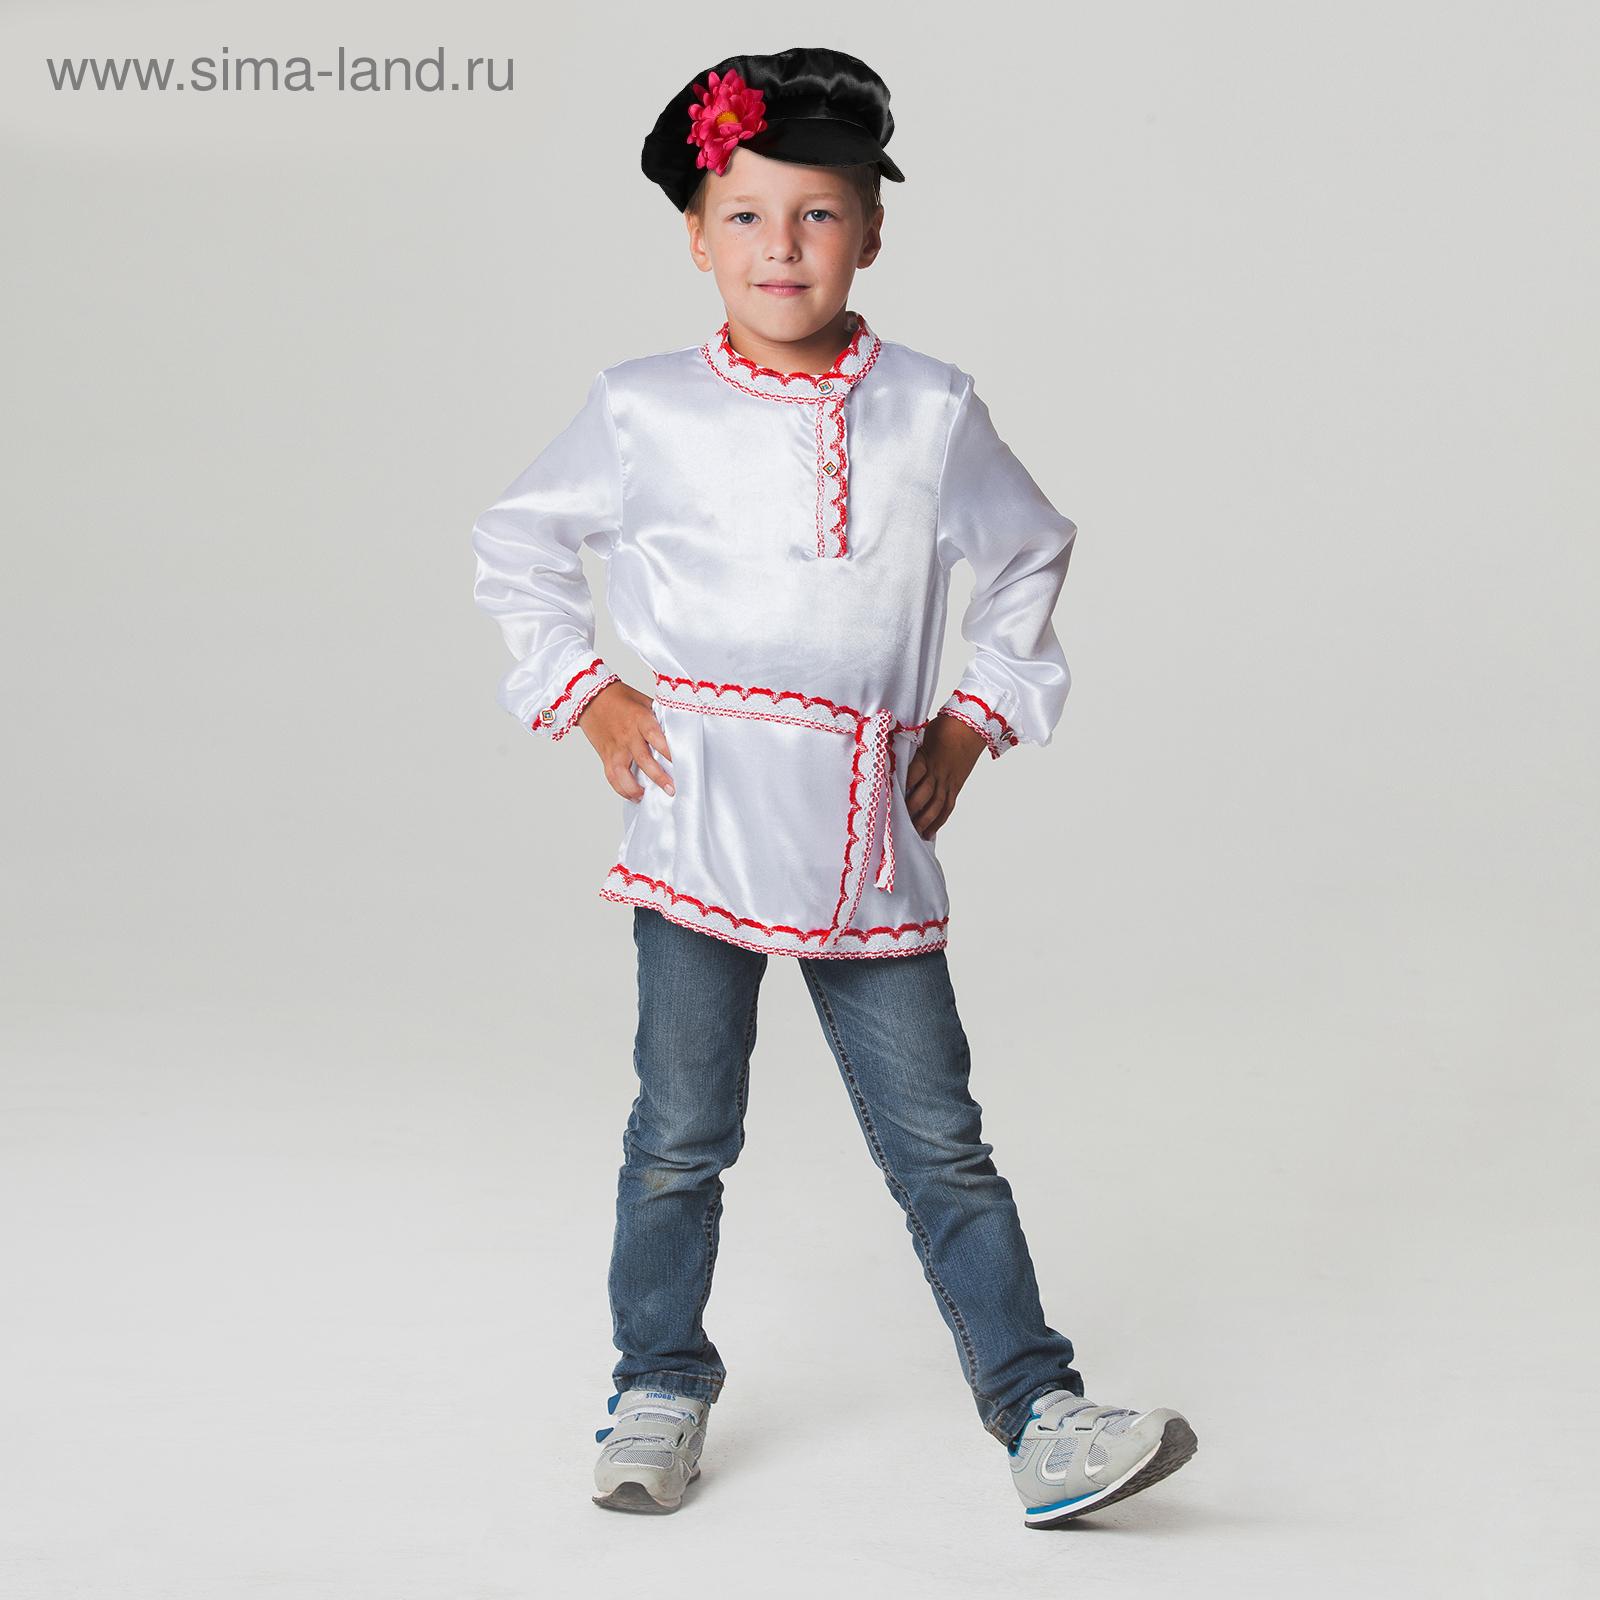 Русский народный костюм для мальчика a71e991f0090f